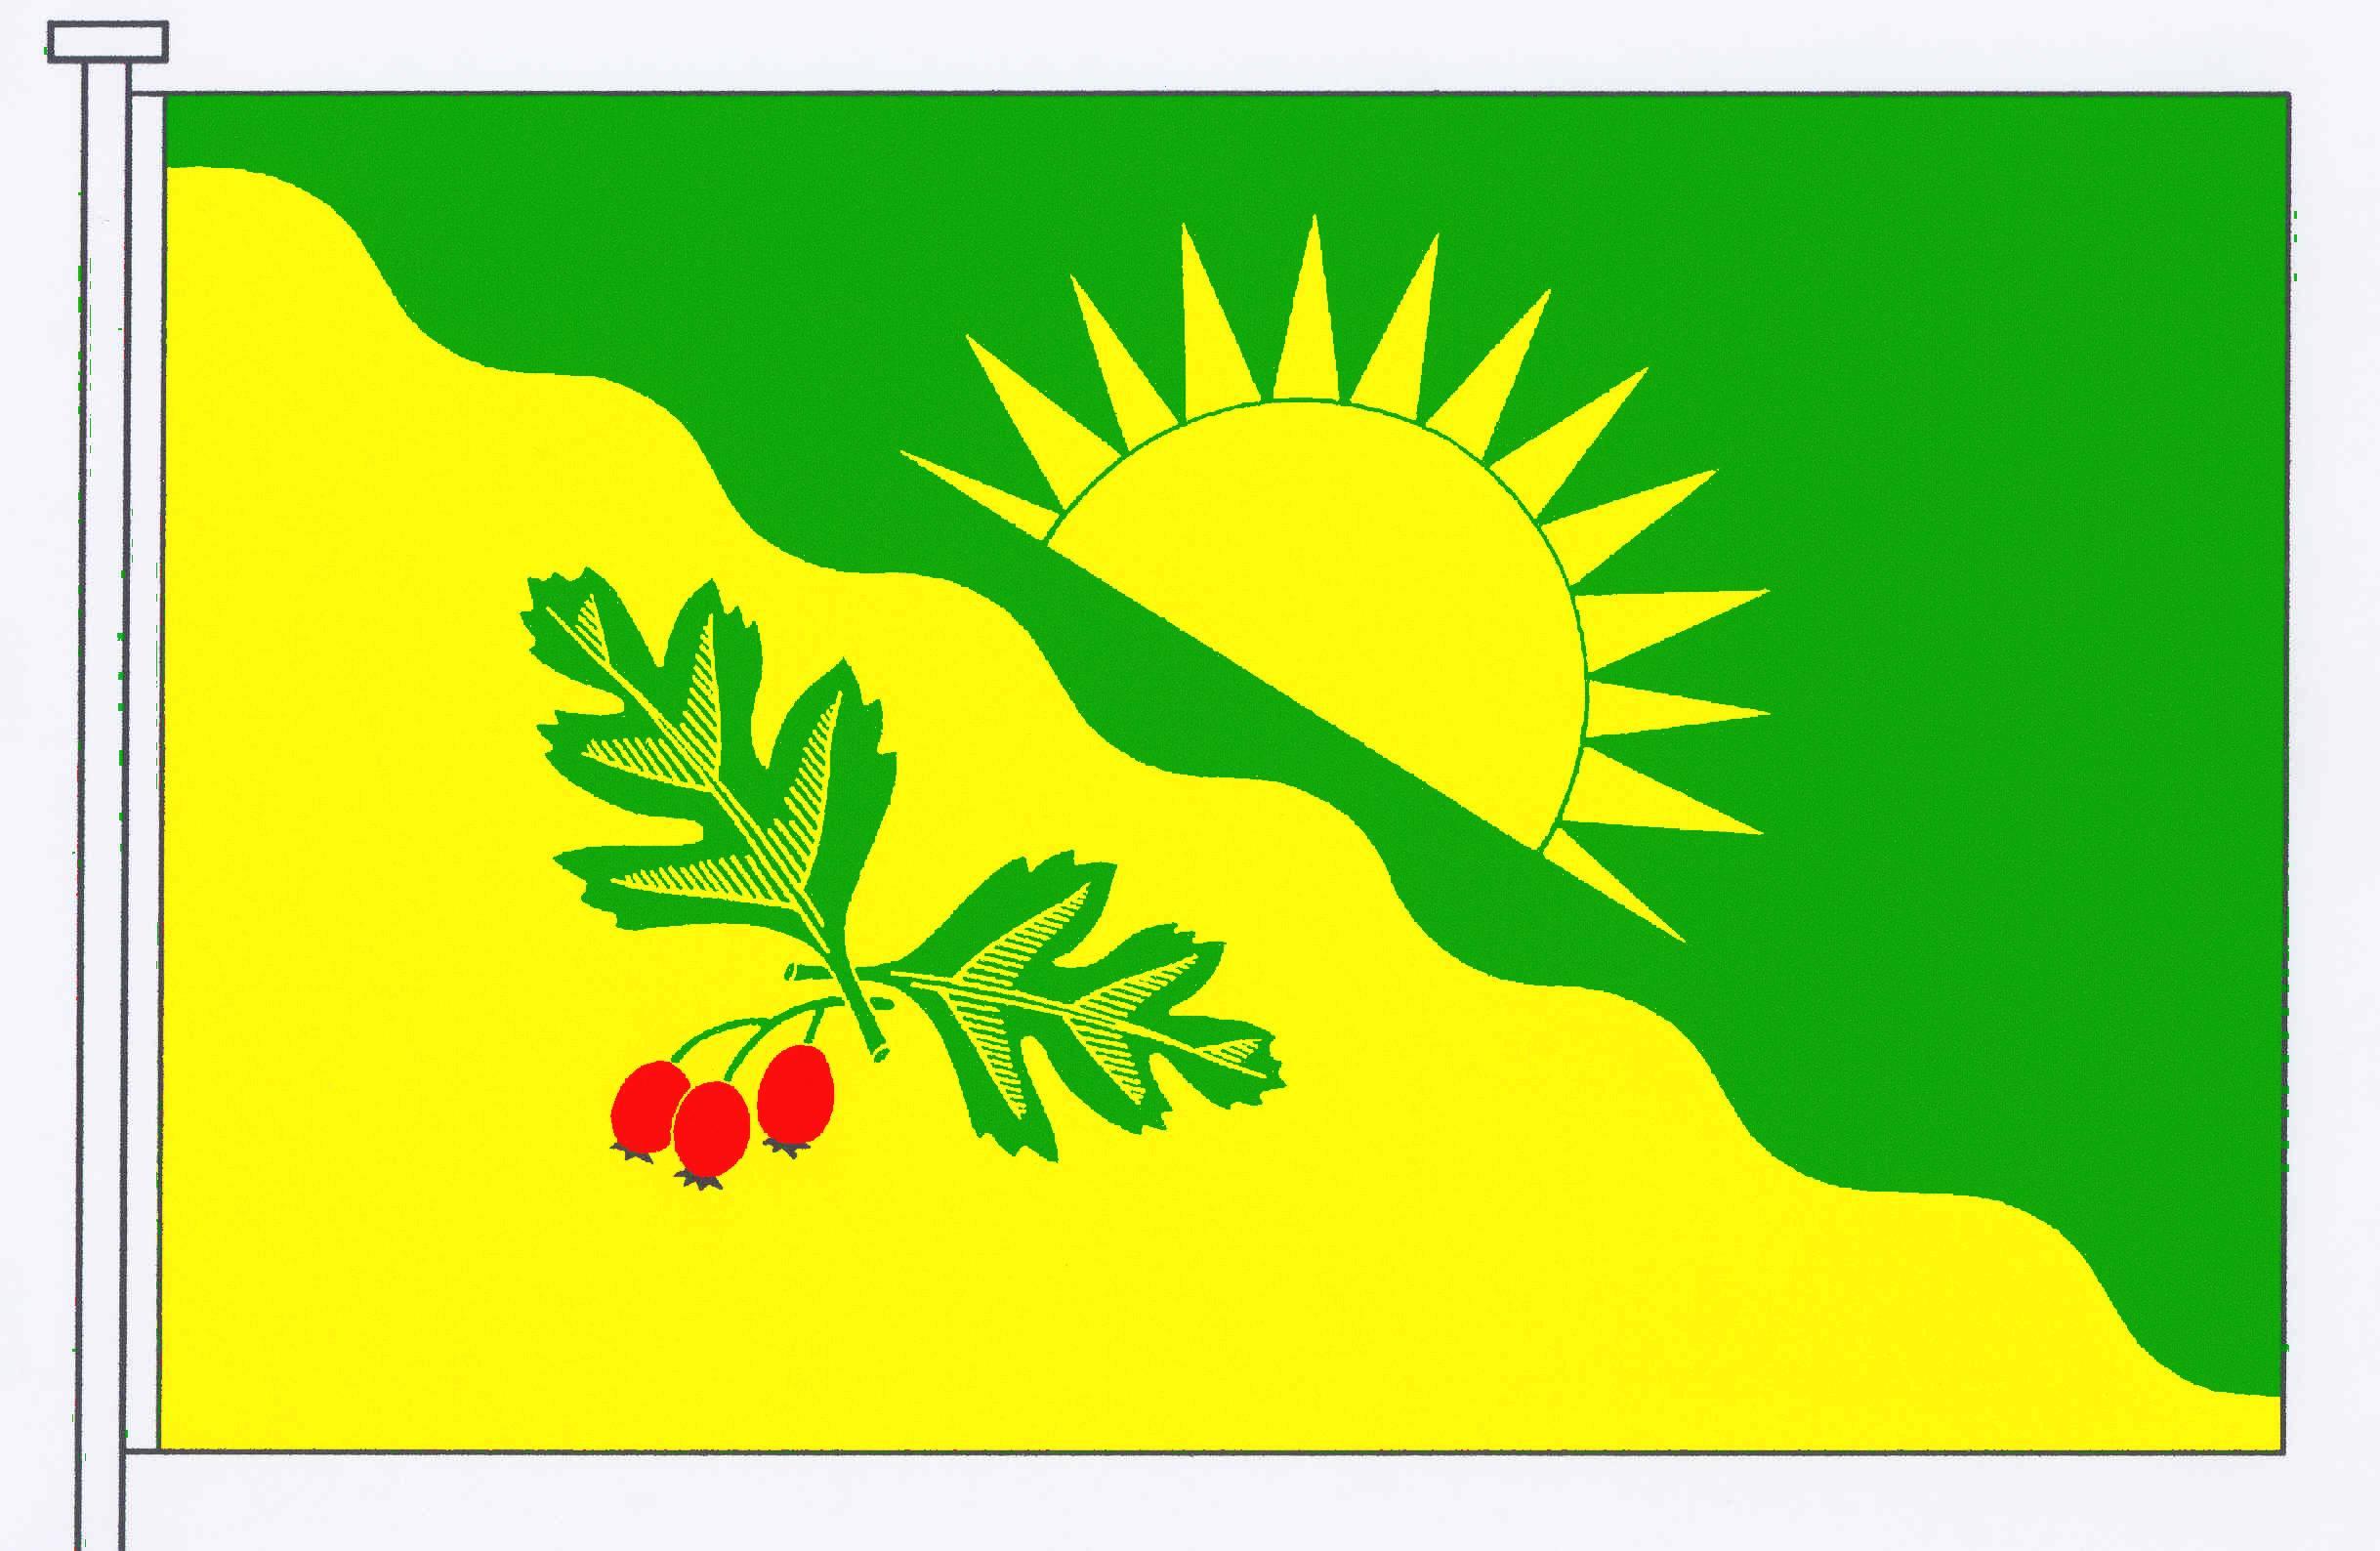 Flagge GemeindeOsterstedt, Kreis Rendsburg-Eckernförde